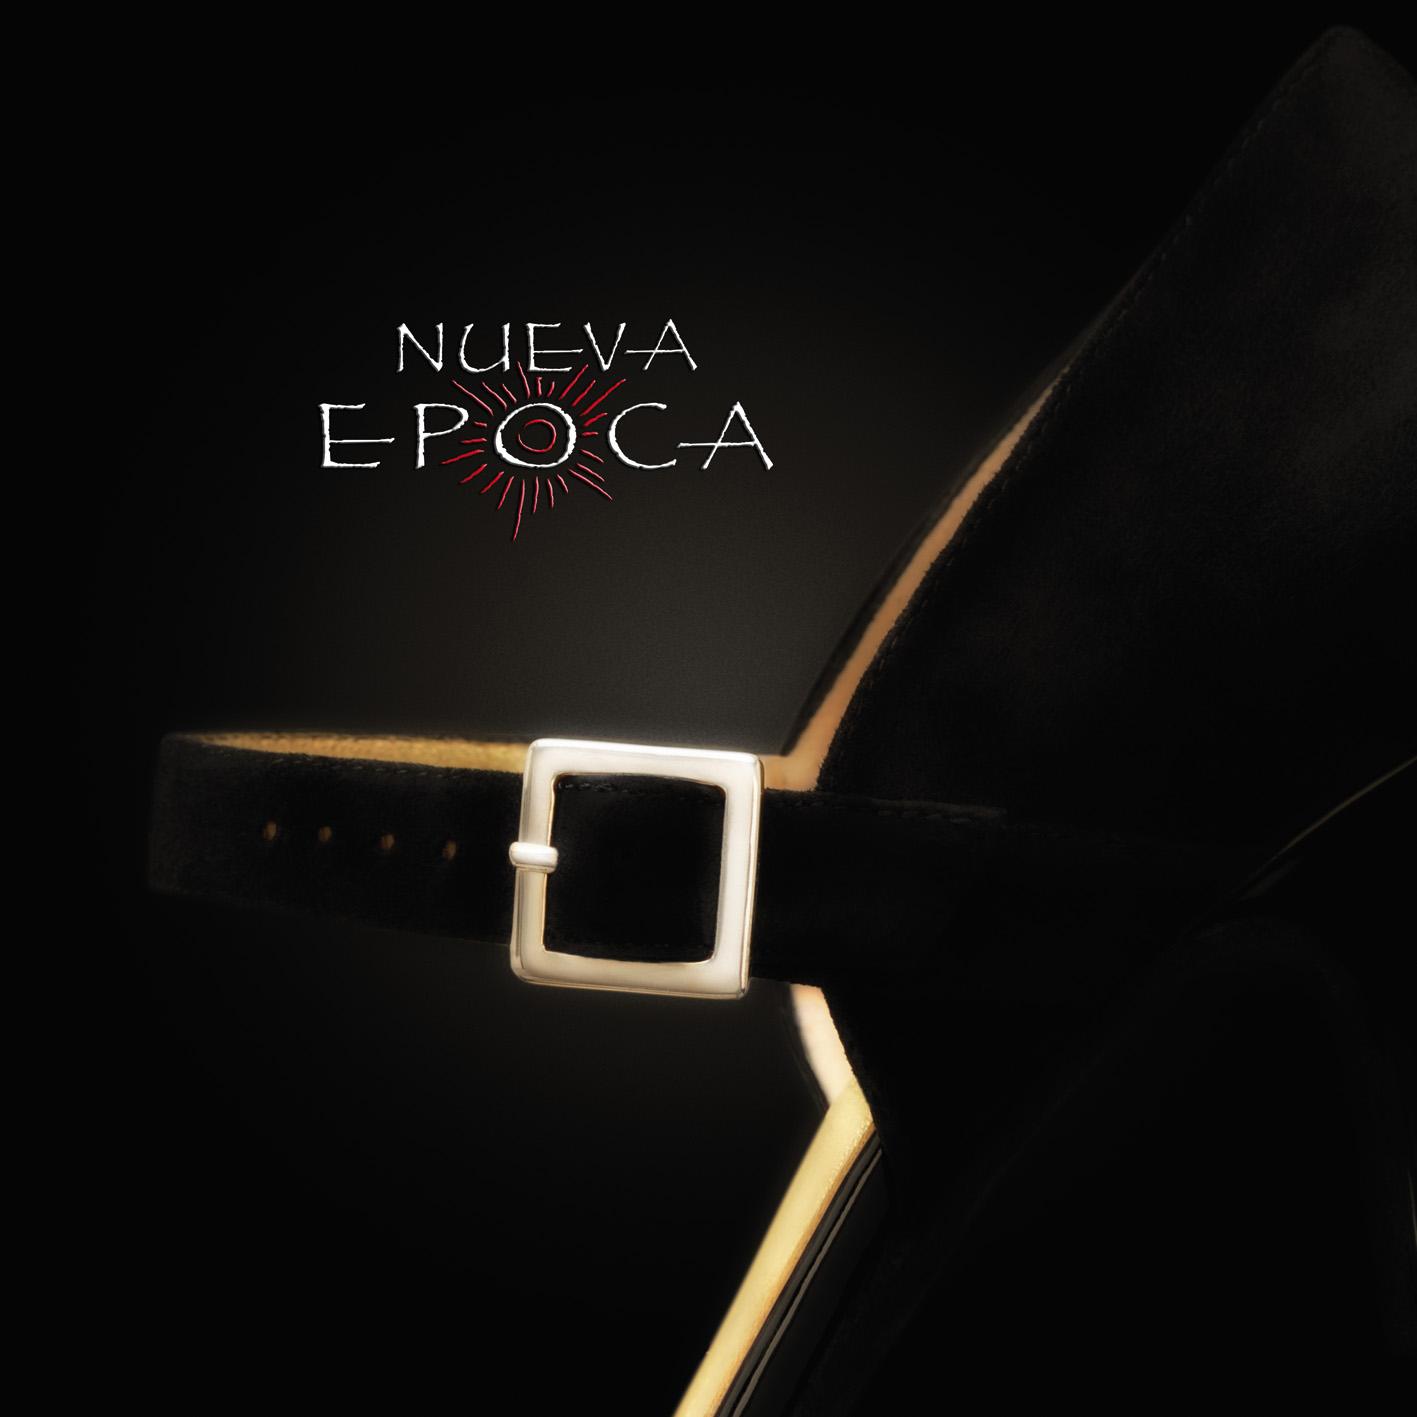 Nueva Epoca by Werner Kern